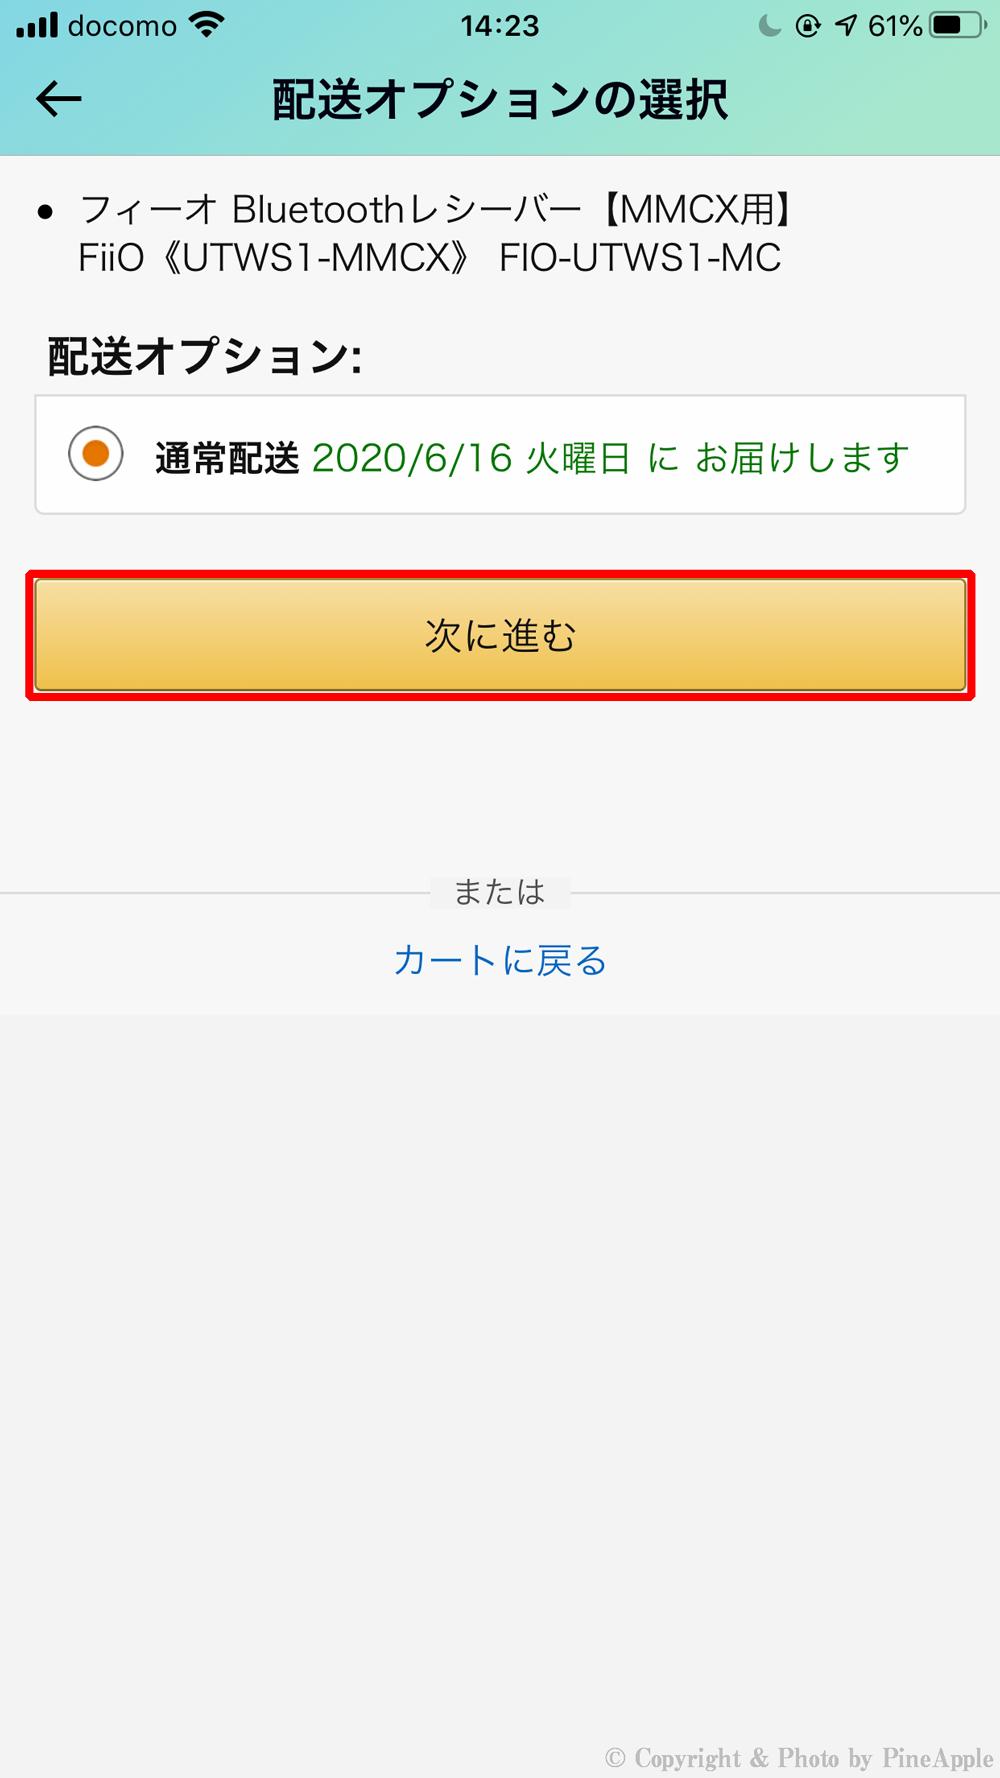 Amazon ショッピングアプリ:「配送オプション」を確認し、「次に進む」をタップ